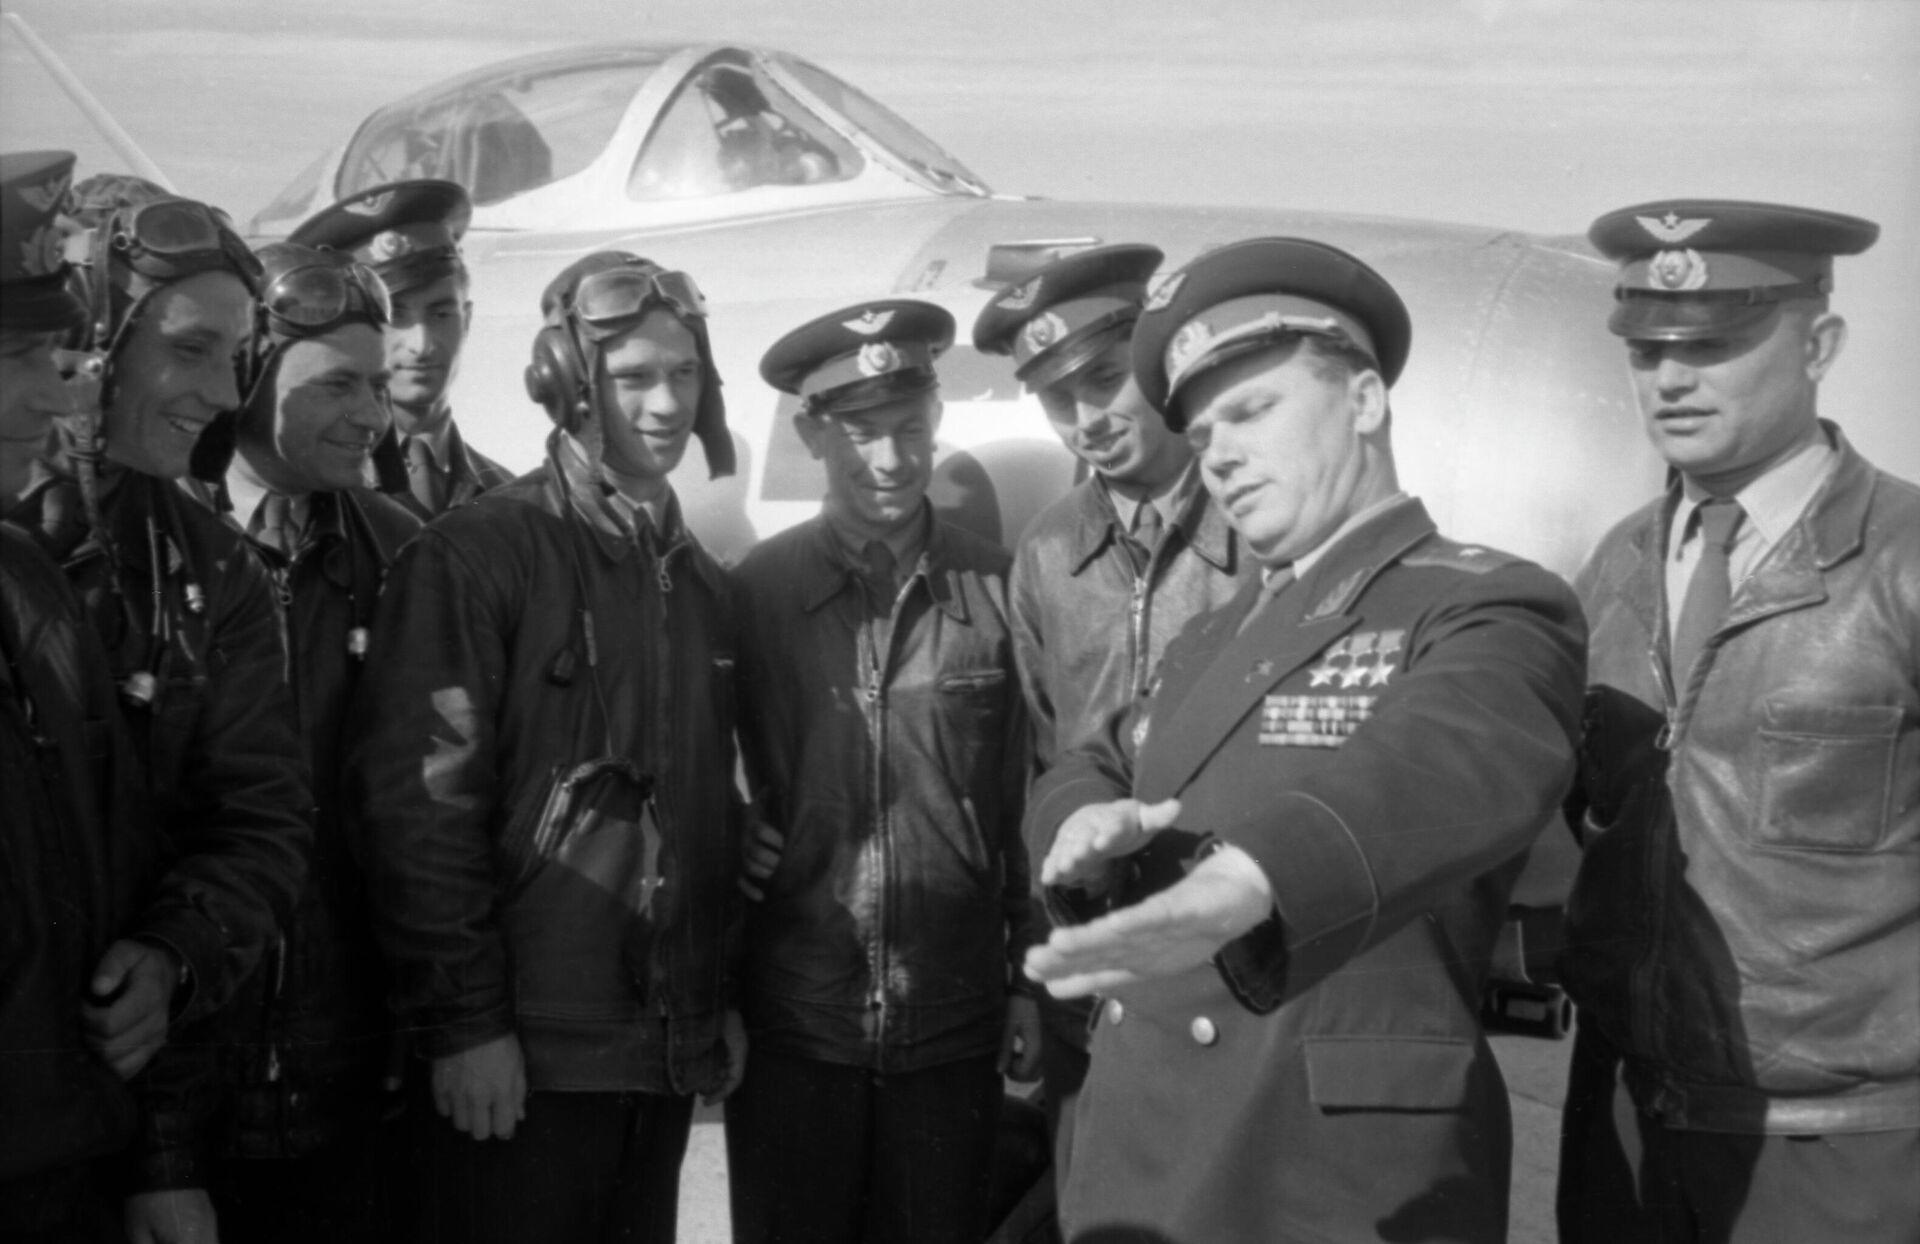 Летчик Иван Никитович Кожедуб  делится опытом с молодыми офицерами. - РИА Новости, 1920, 25.11.2020